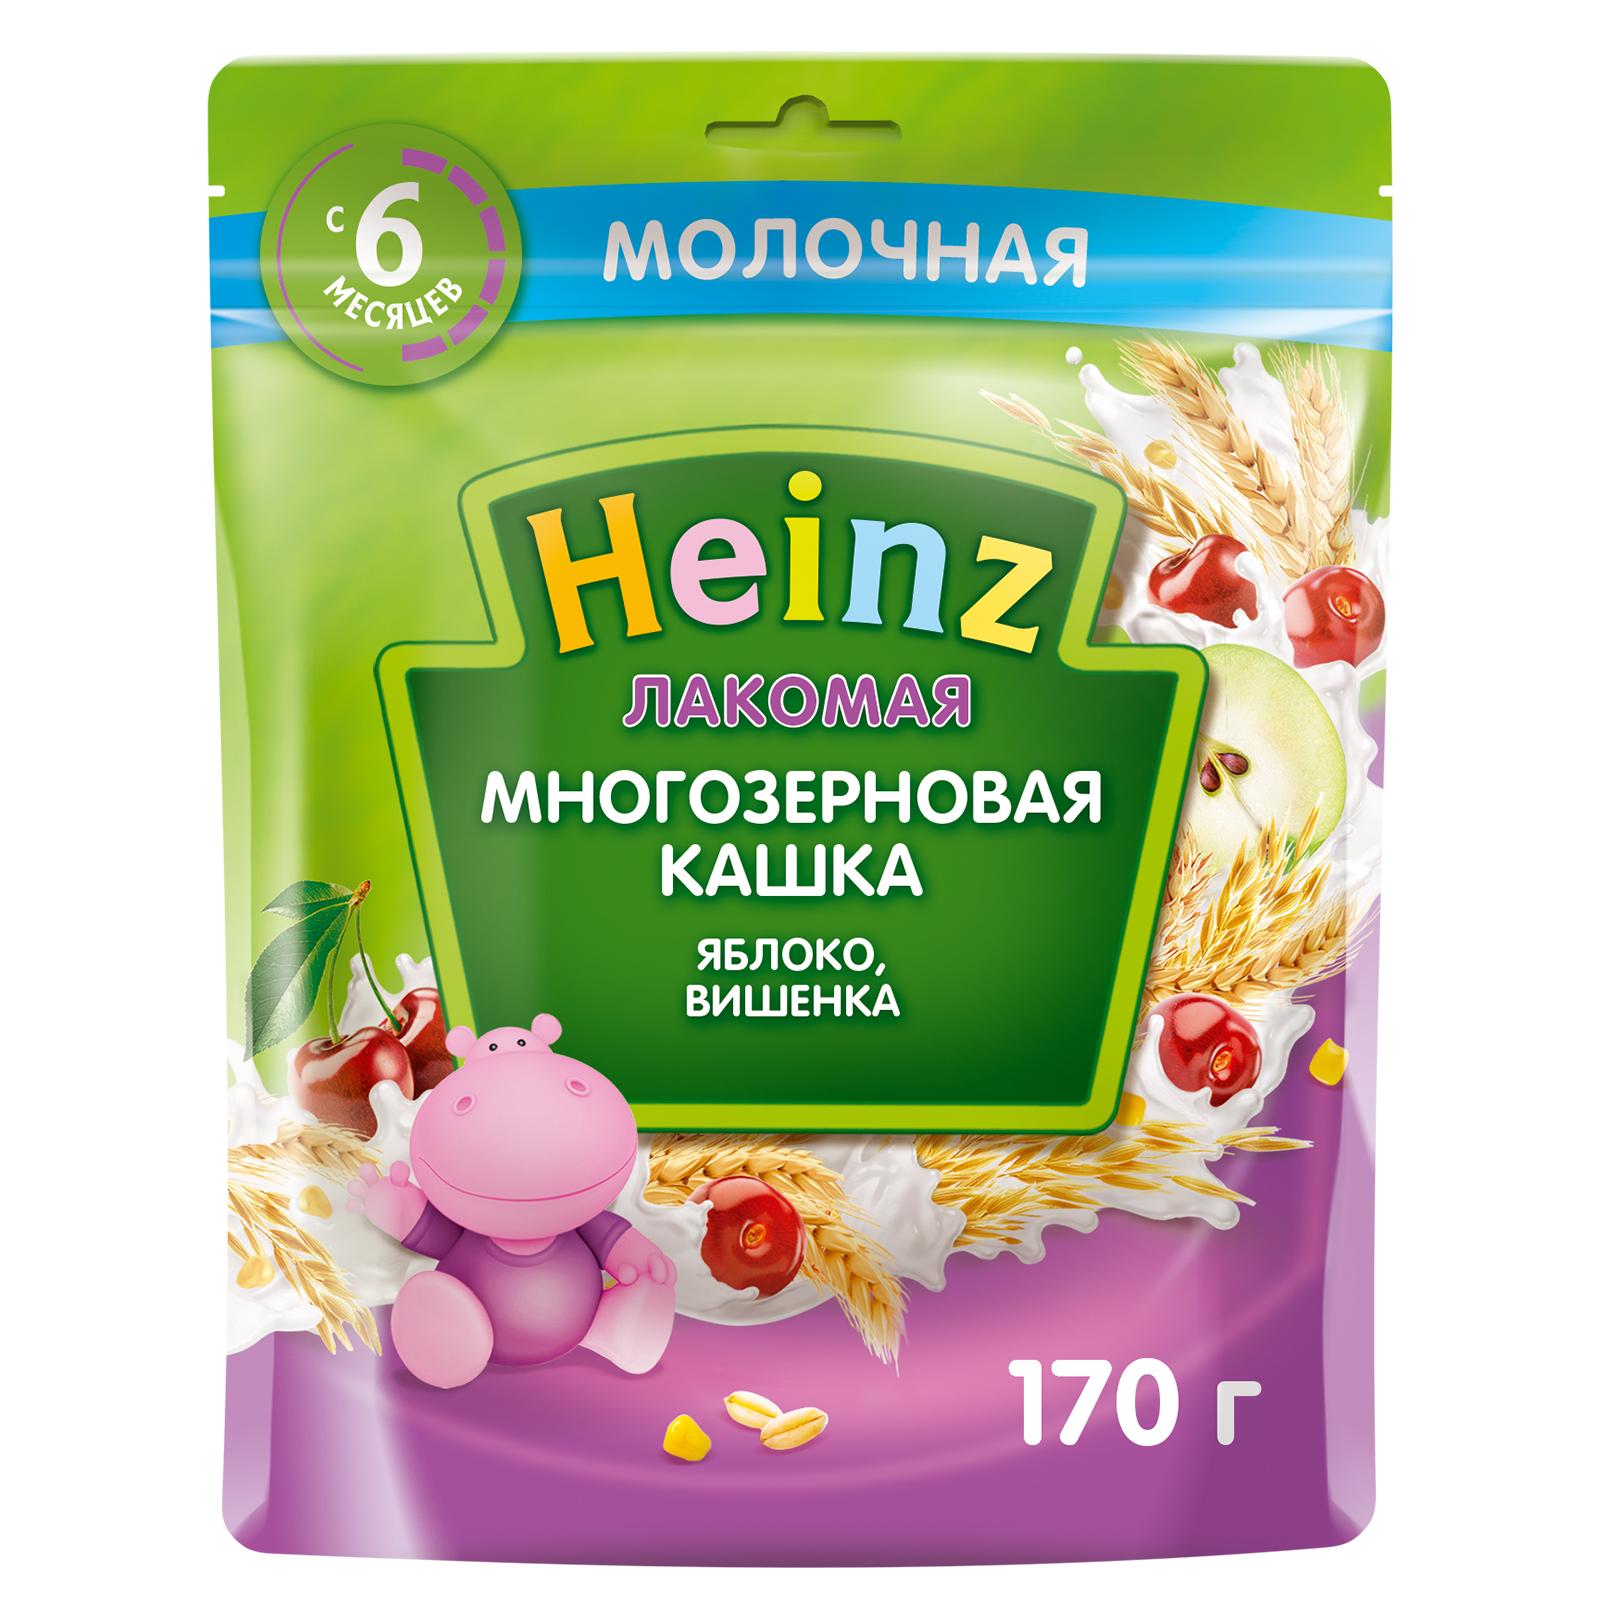 Каша Heinz Лакомая многозерновая Яблоко вишенка с 6 месяцев 170 г.